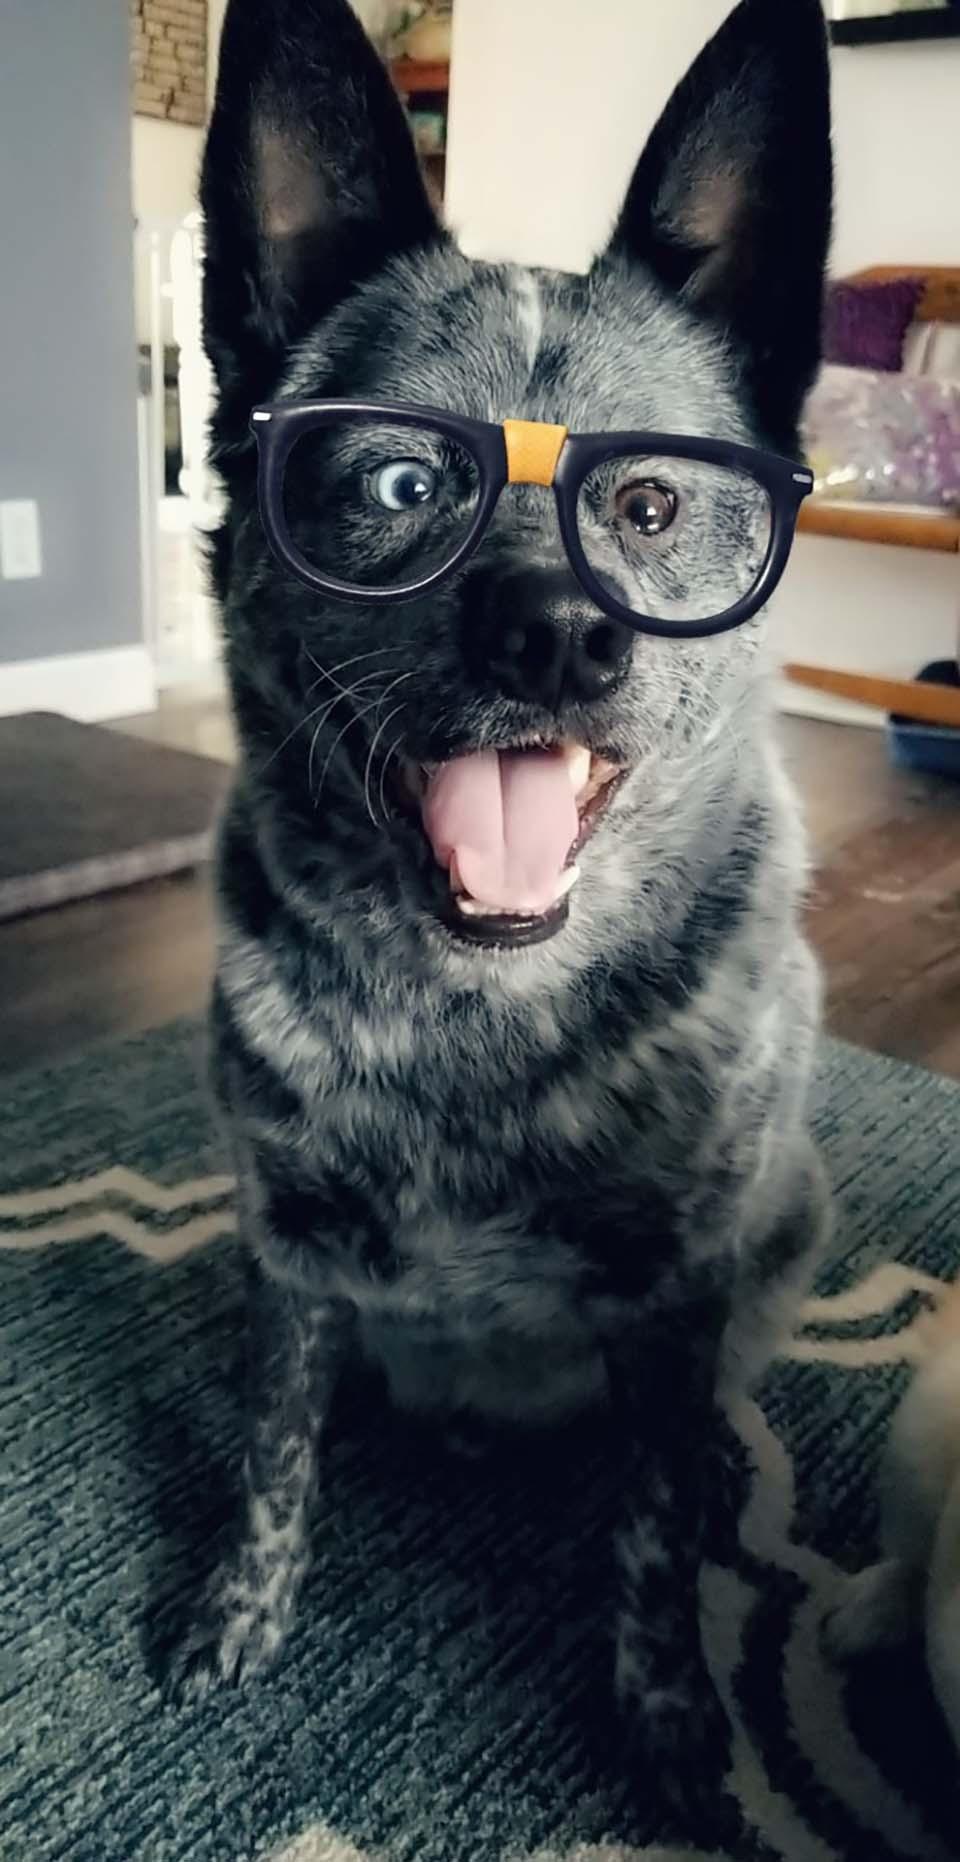 Perrito con gafas